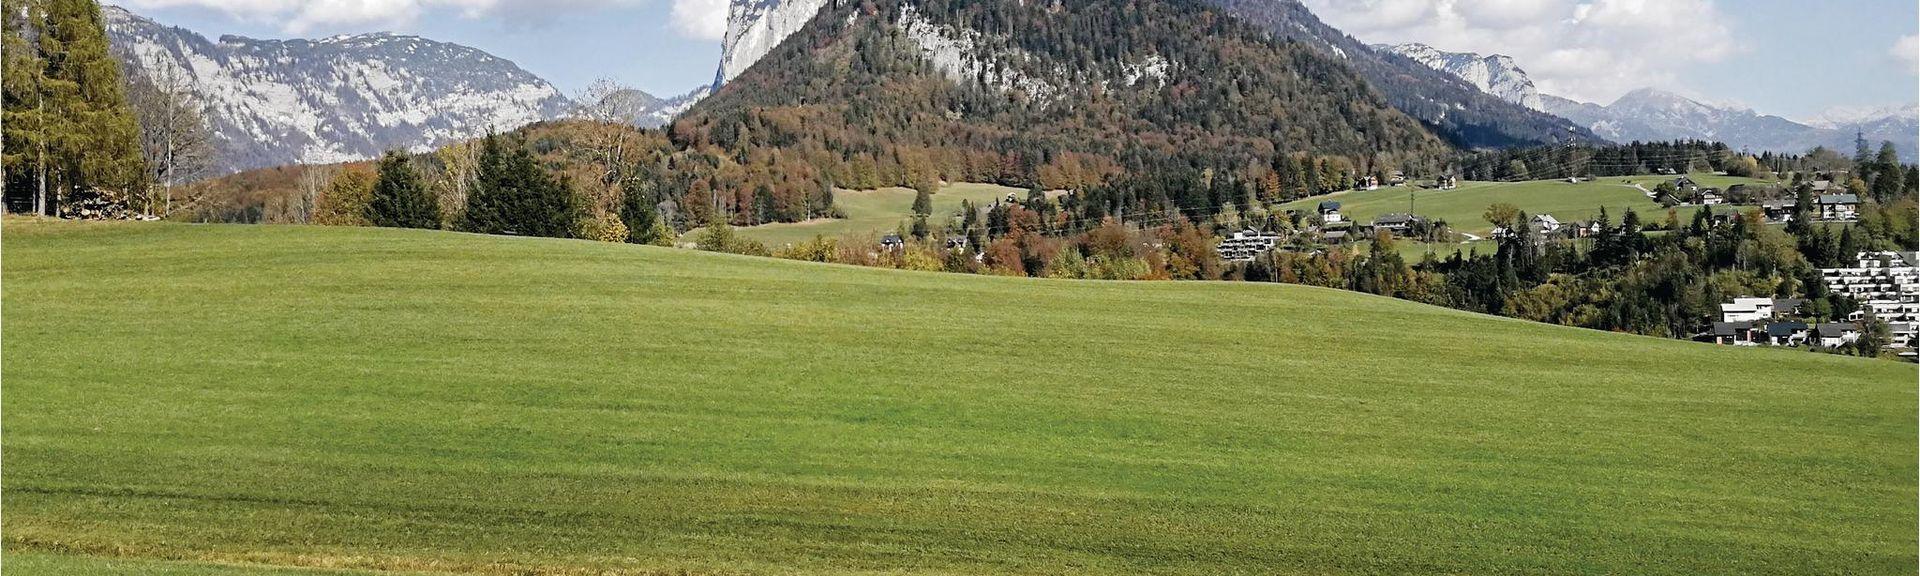 5 Fingers, Obertraun, Upper Austria, Austria